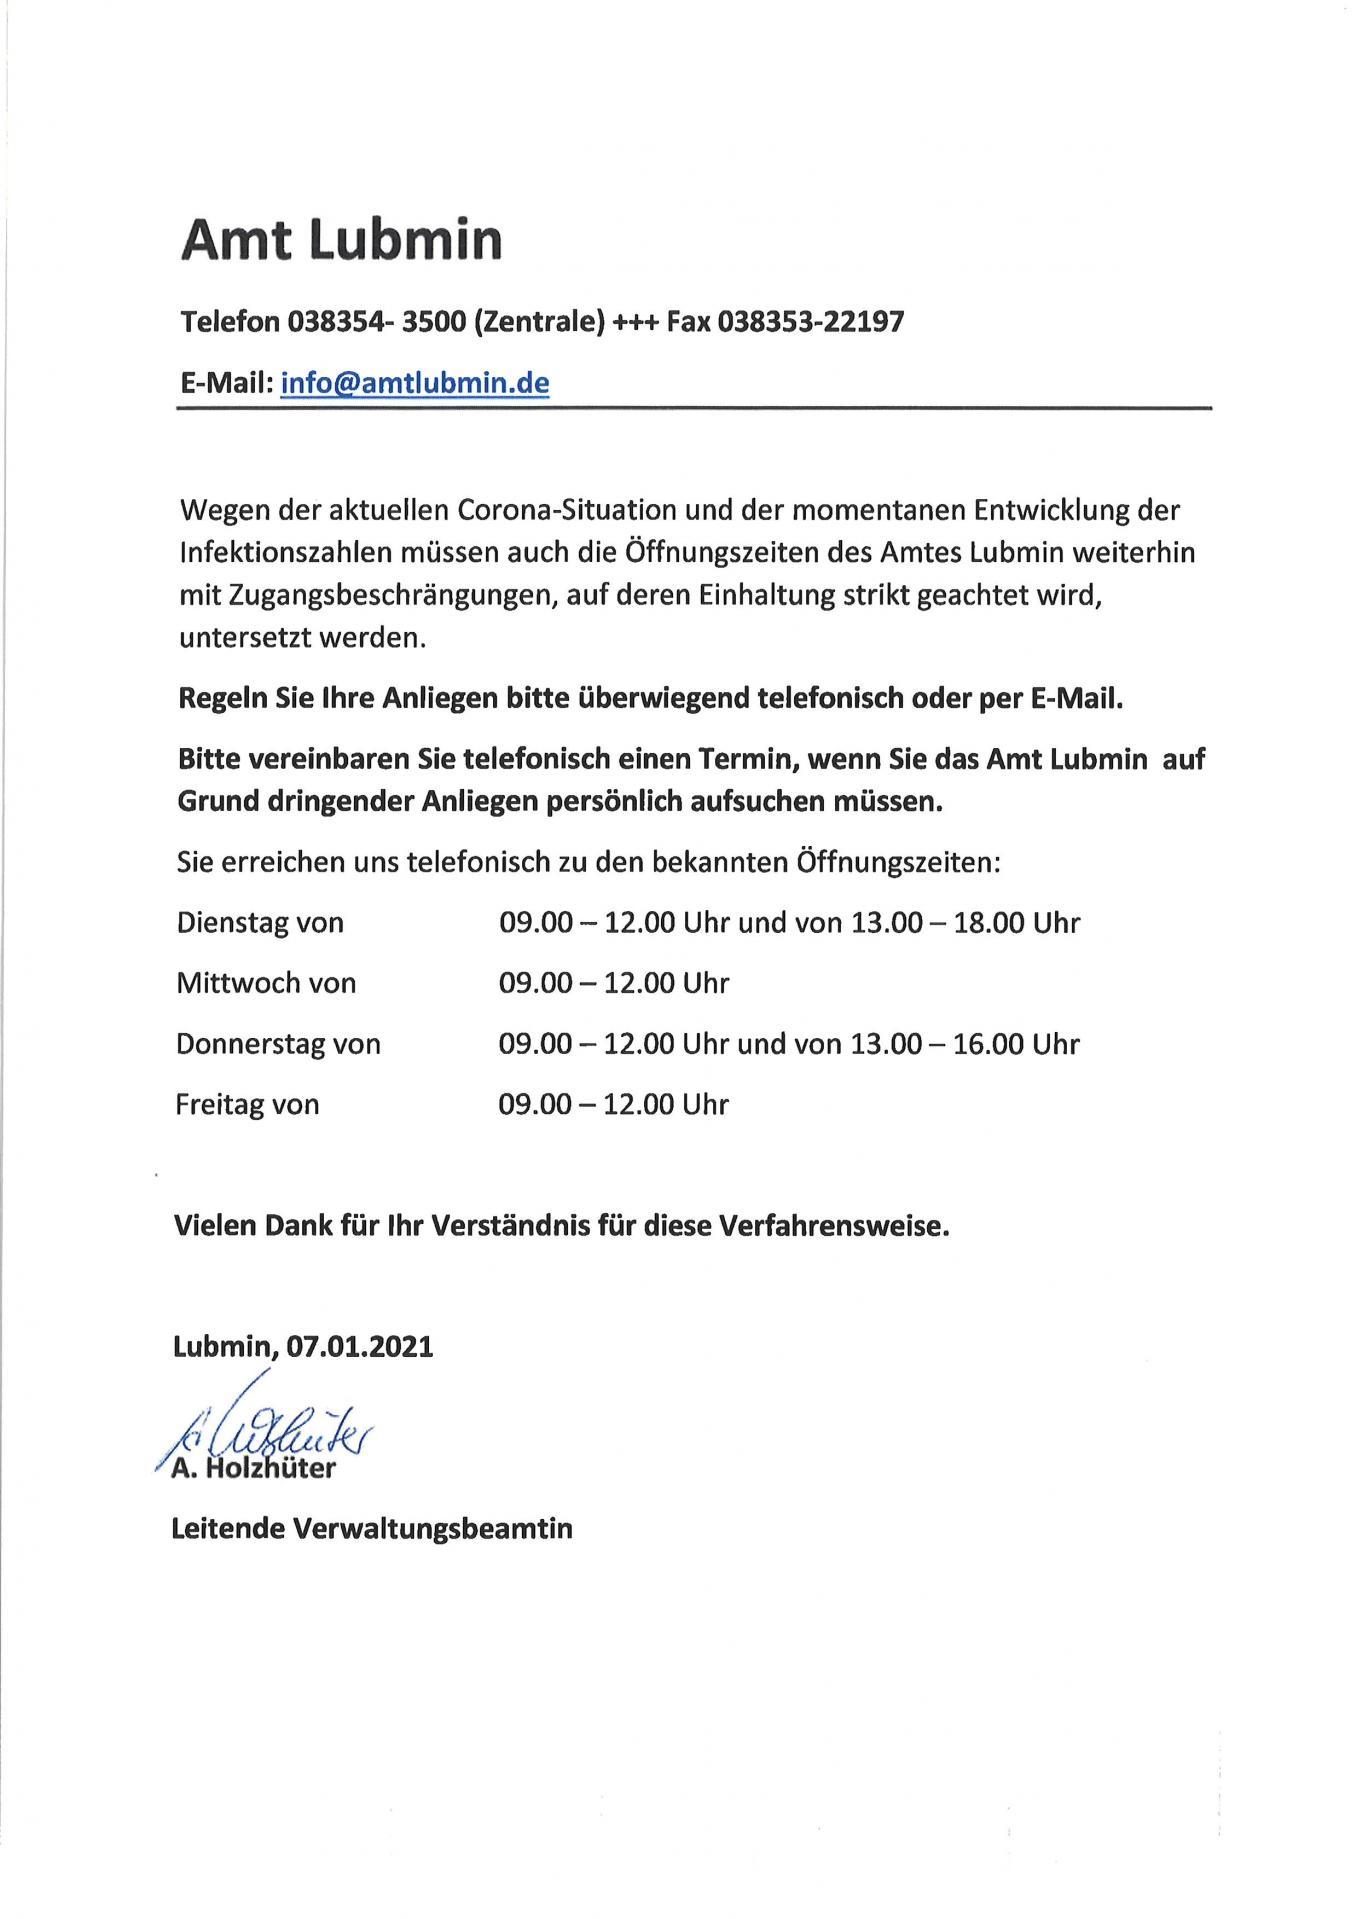 Öffnungszeiten Amt Lubmin 07.01.2021